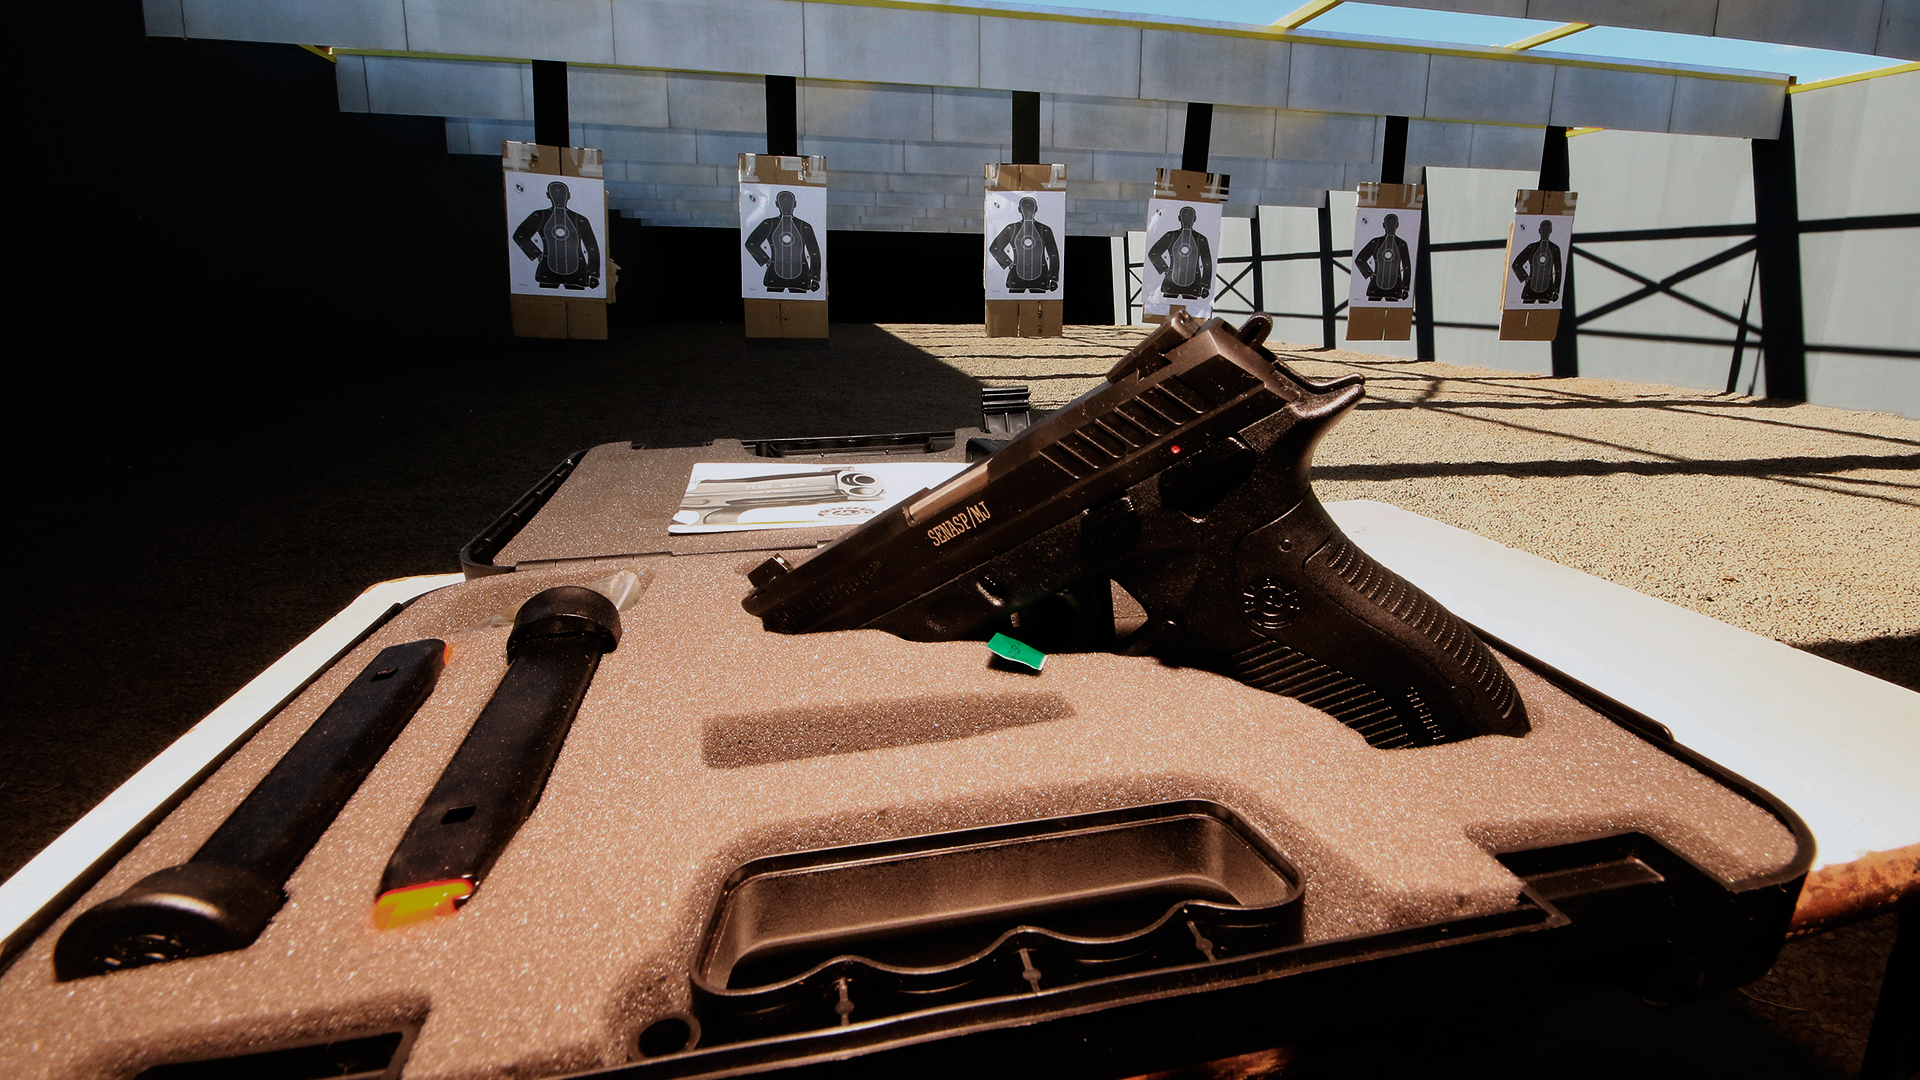 Local de estande de tiro. Na imagem tem uma caixa de uma pistola, com a arma posicionada para a fotografia. Ao fundo tem 6 alvos.